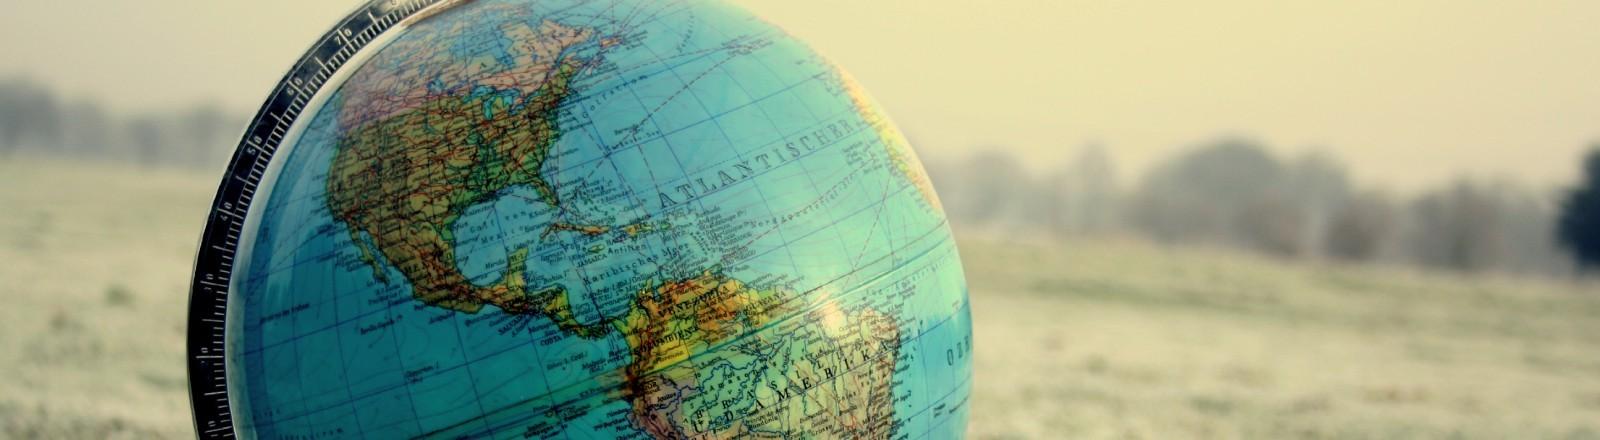 Ein Globus steht auf einer vereisten Wiese.